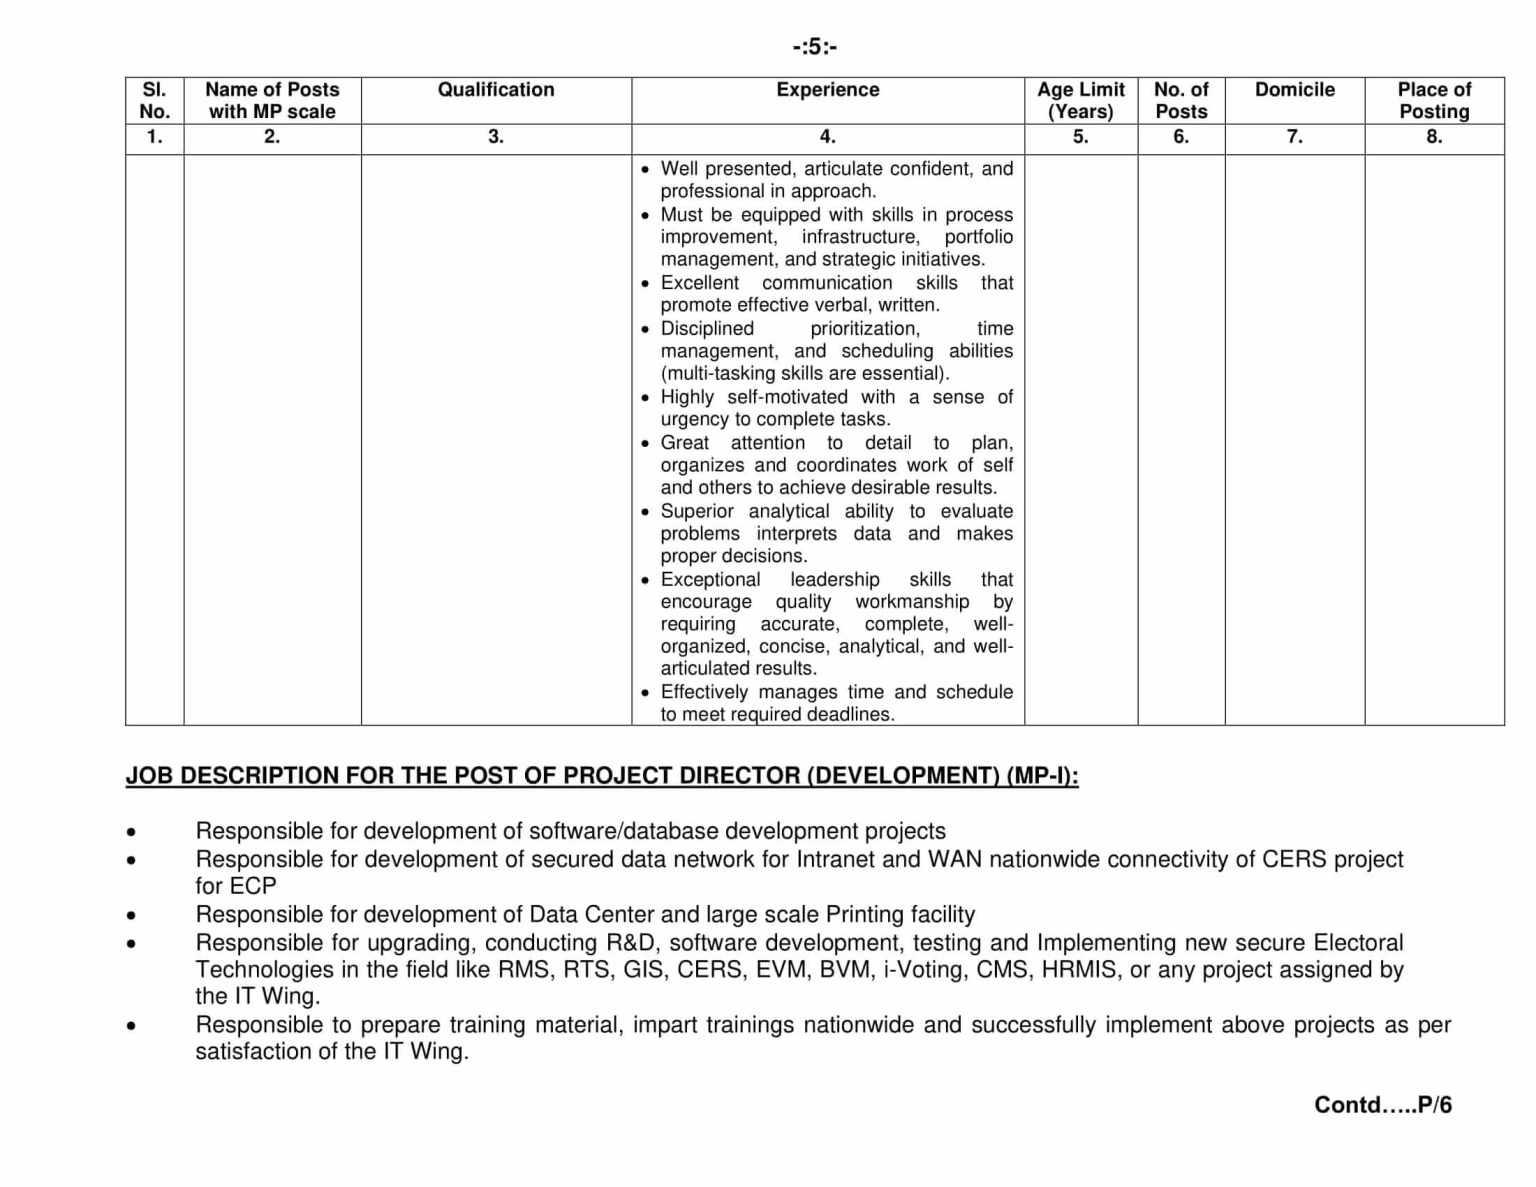 ecp islamabad jobs 2021